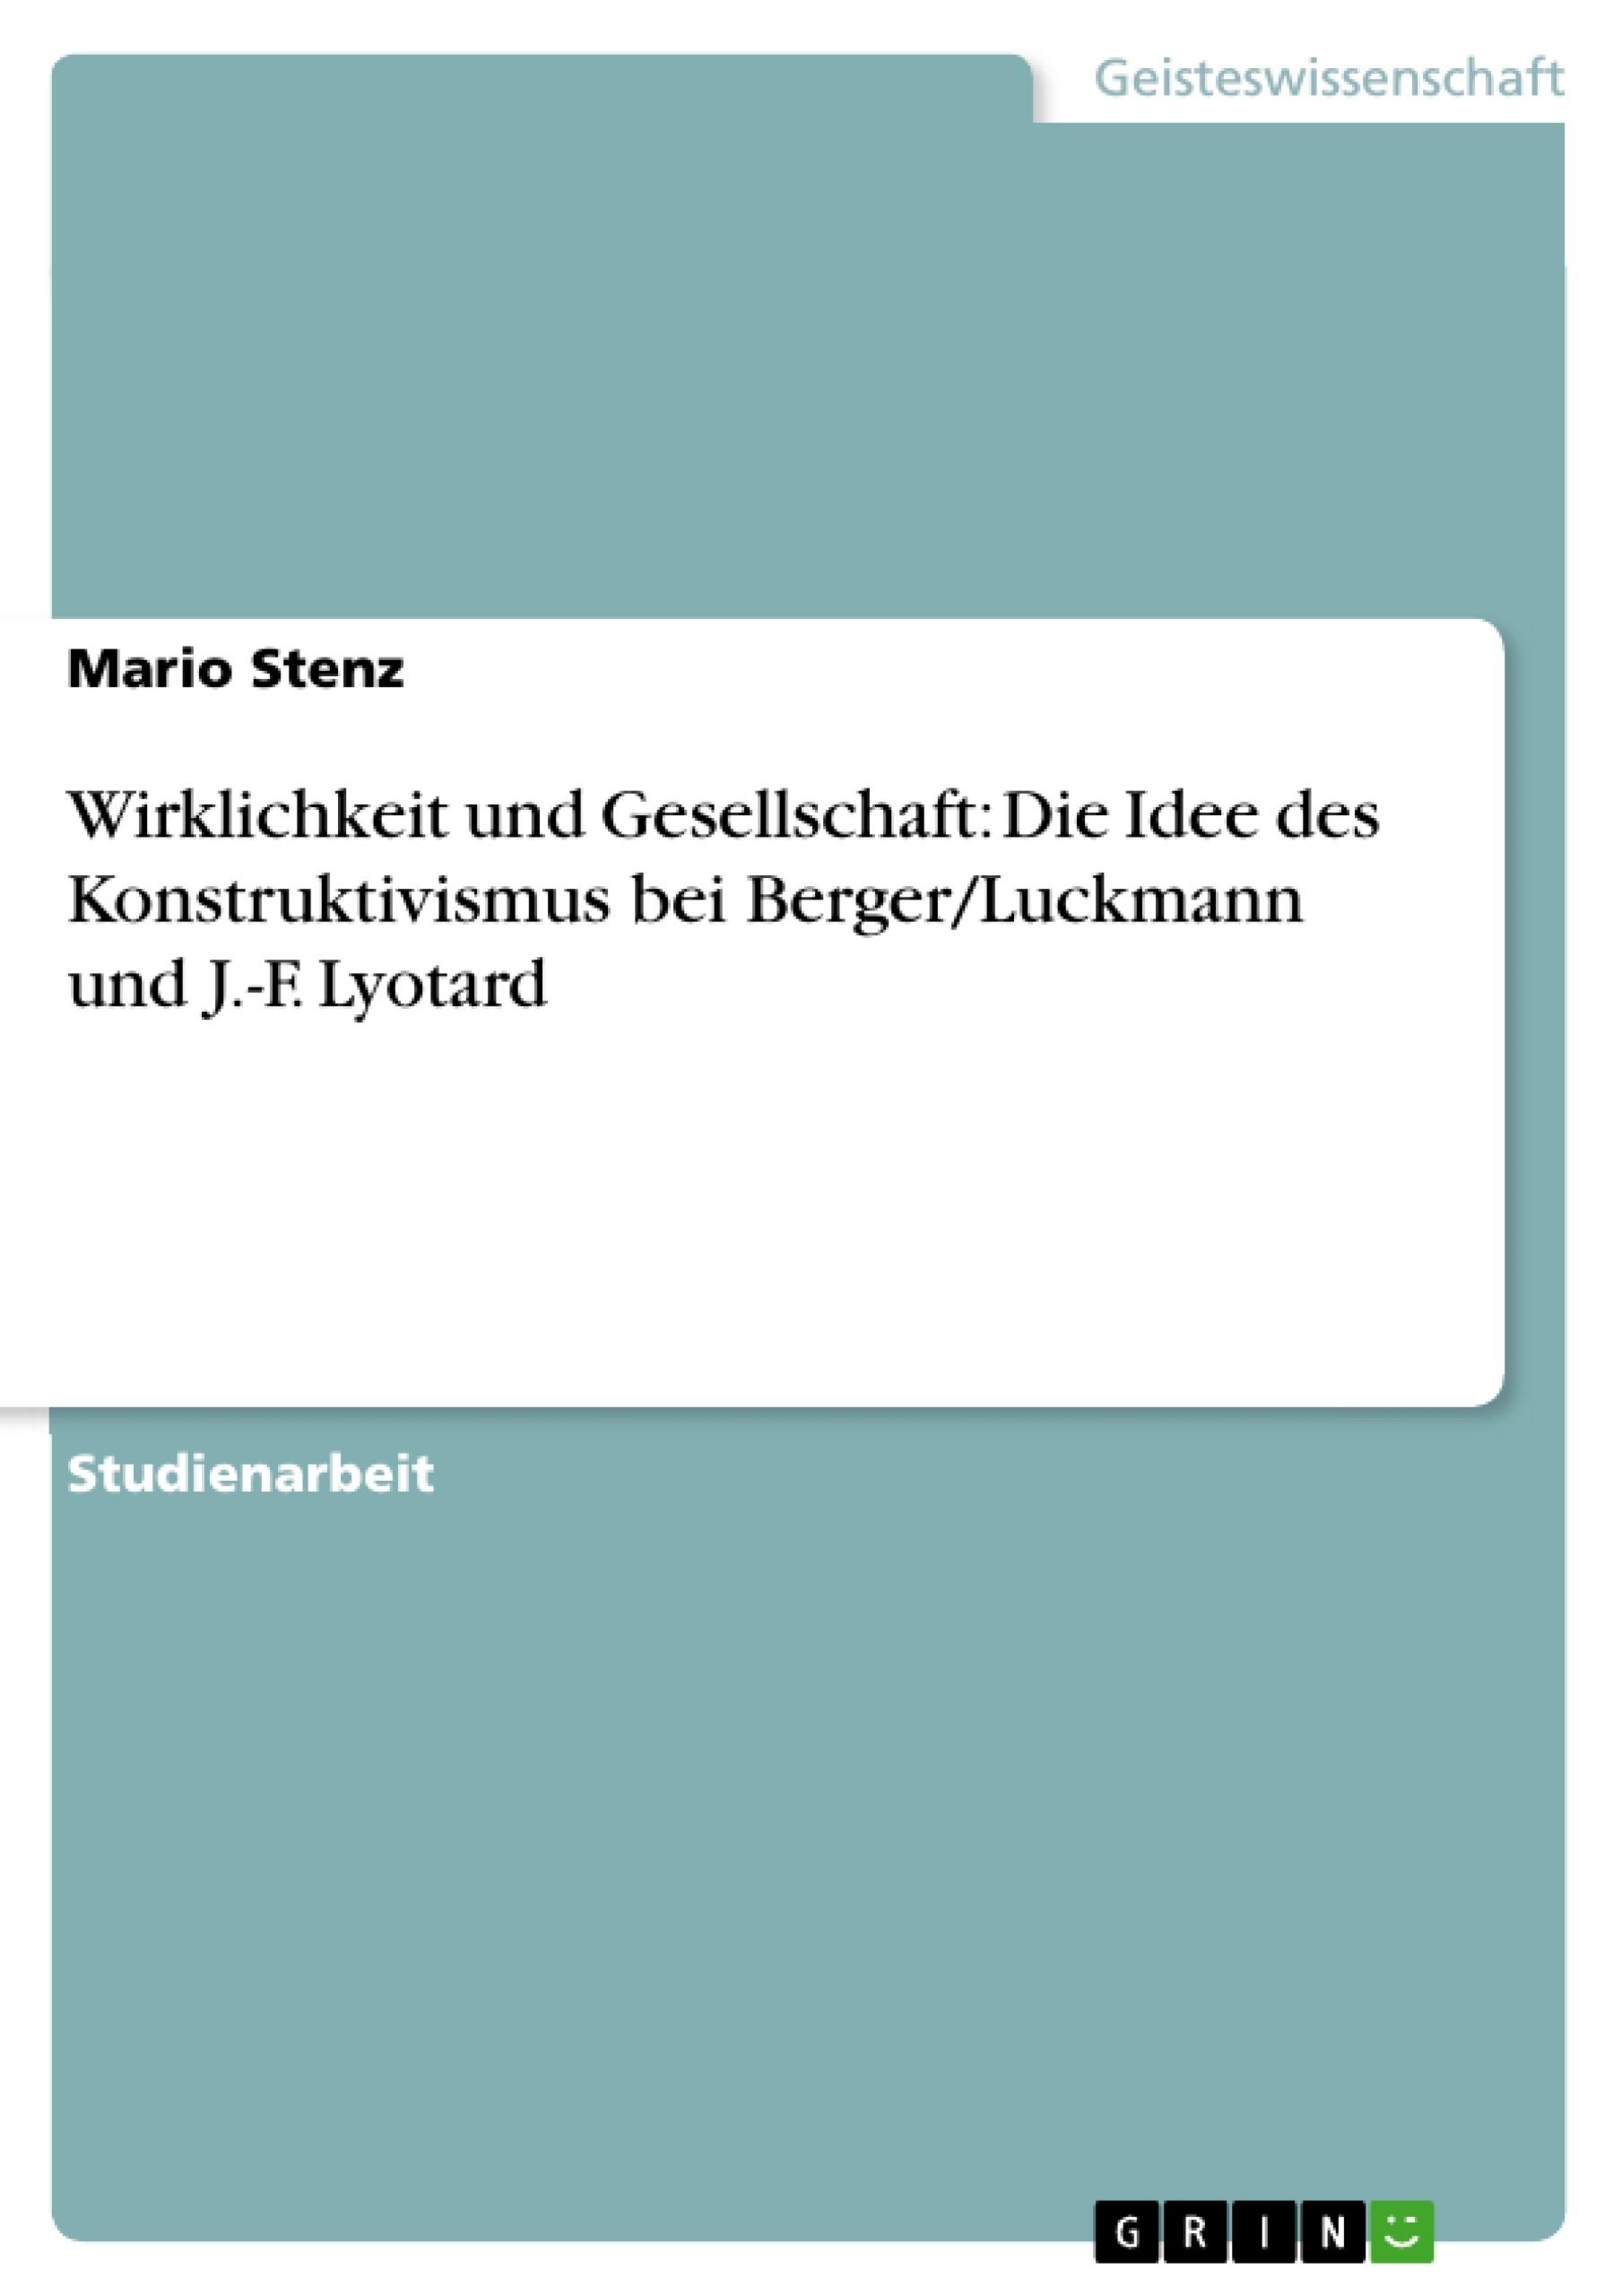 Titel: Wirklichkeit und Gesellschaft: Die Idee des Konstruktivismus bei Berger/Luckmann und J.-F. Lyotard